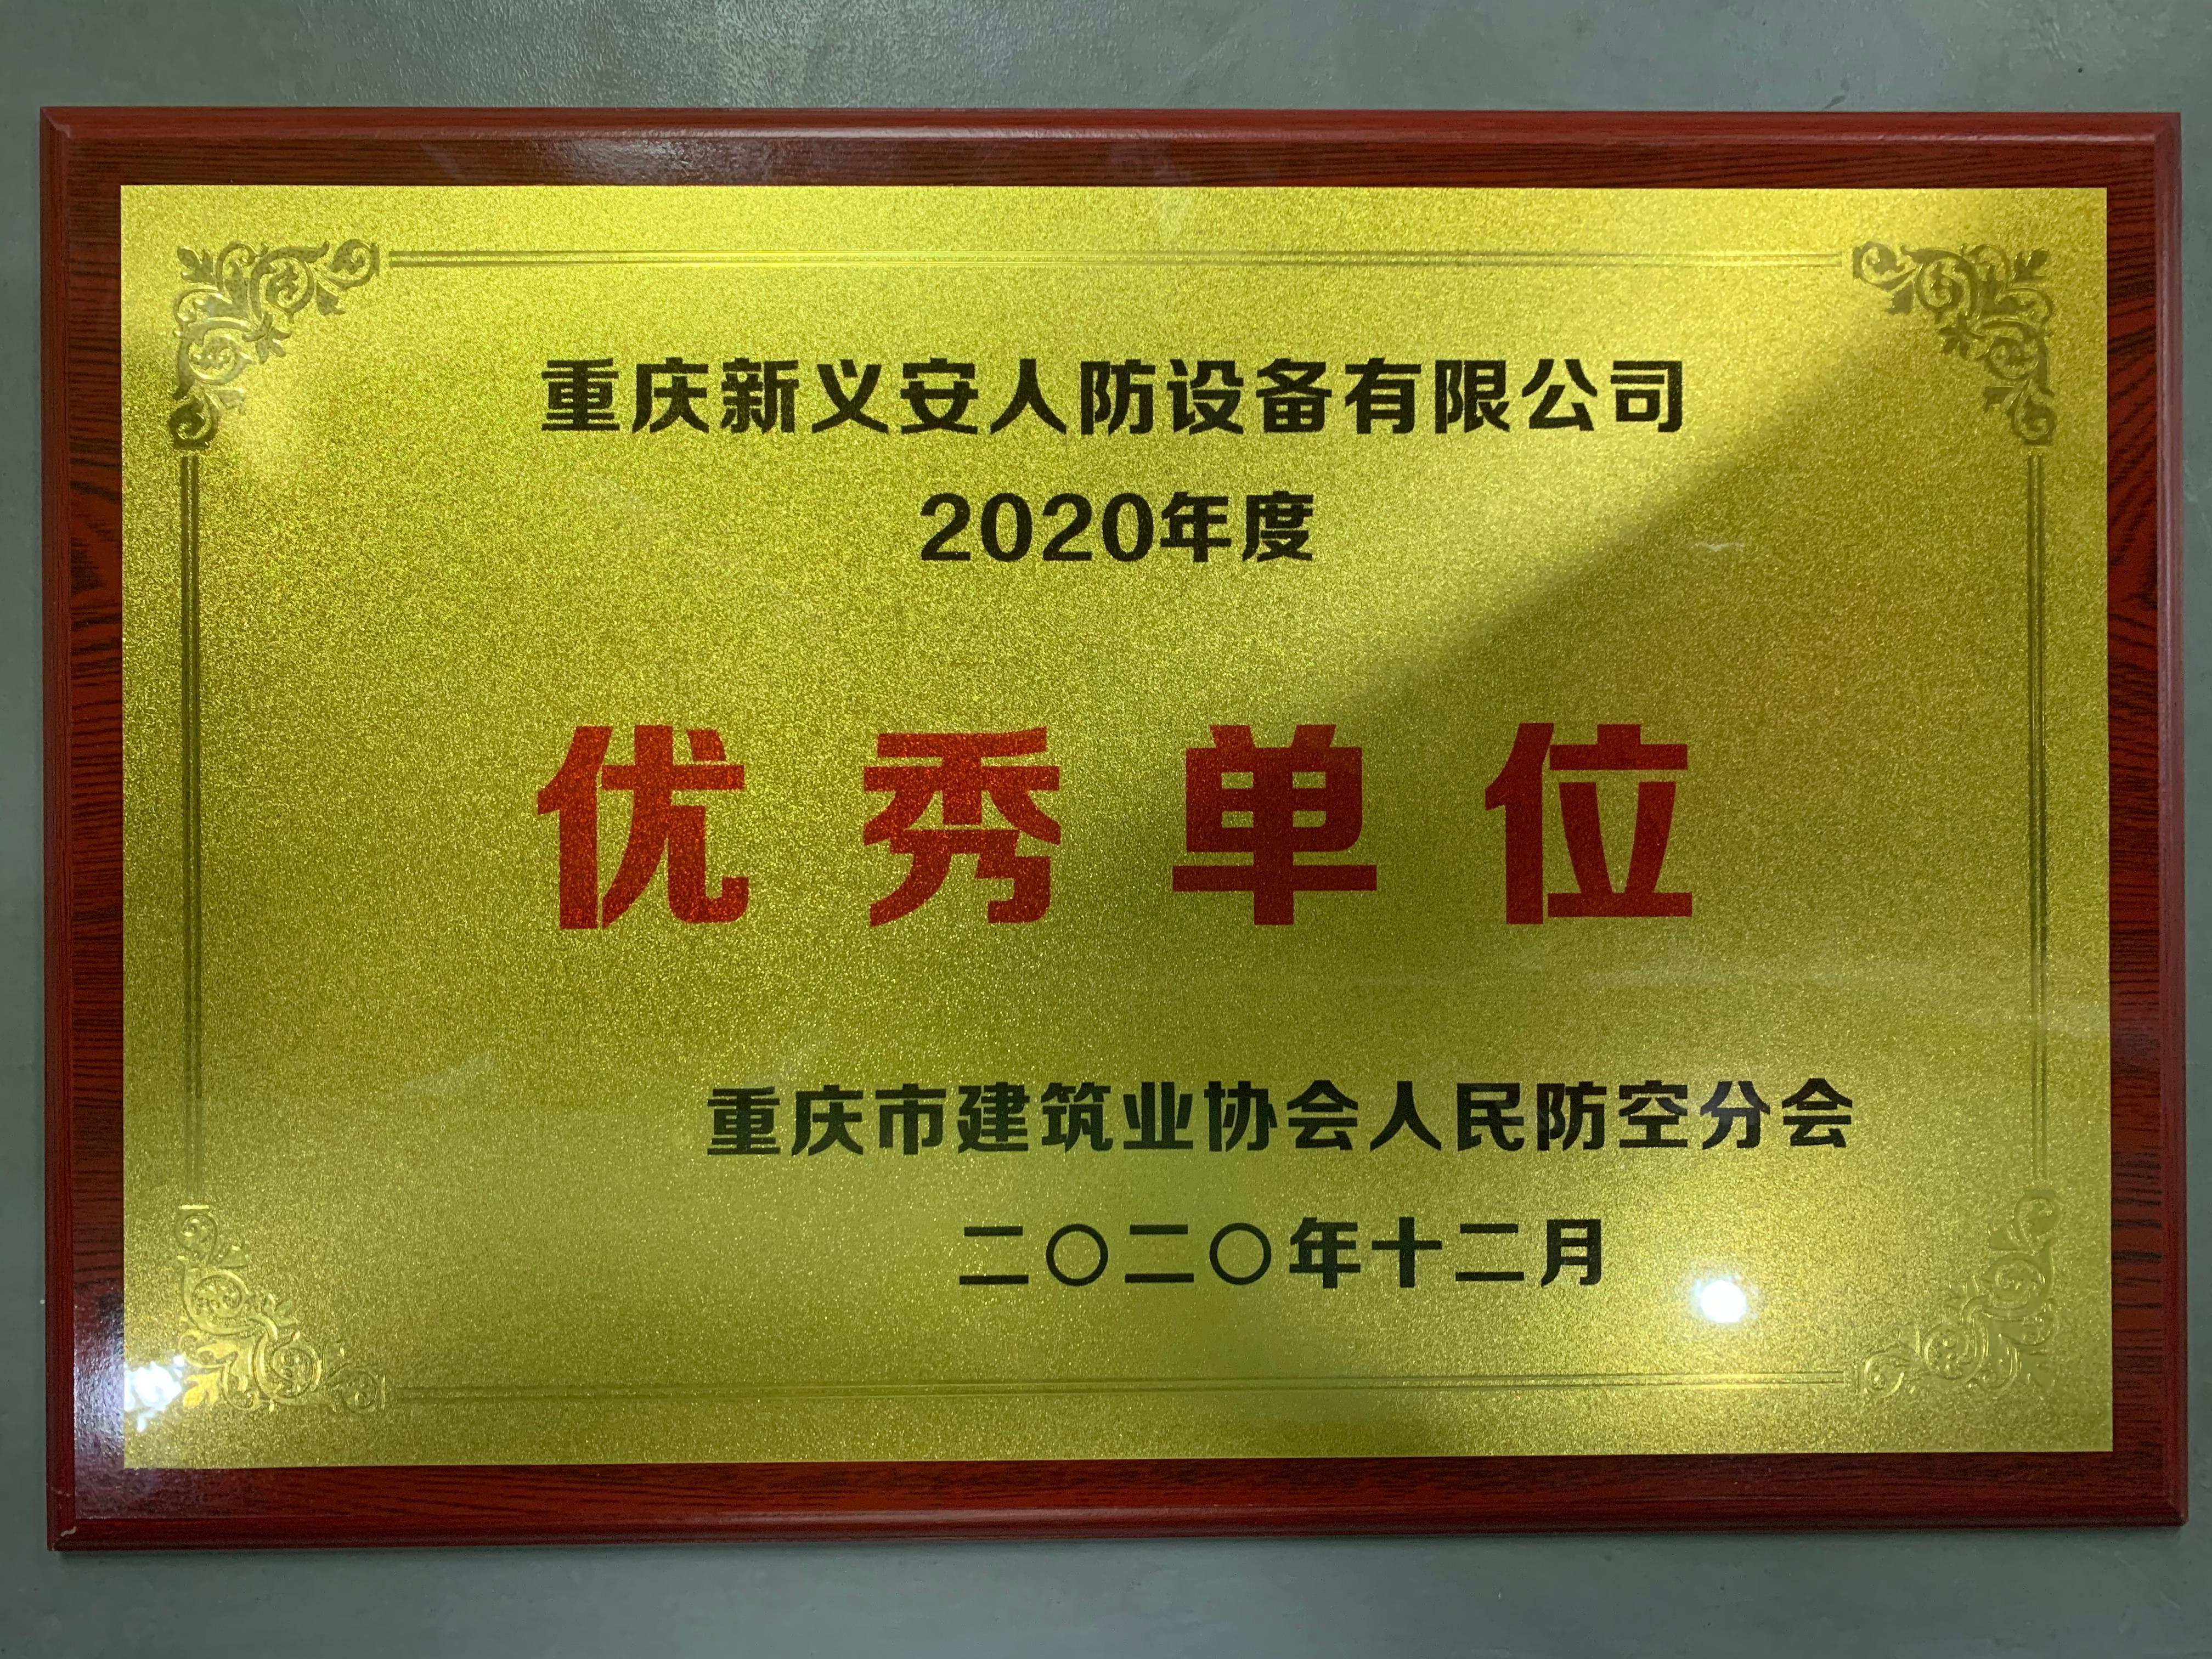 重庆市建筑业协会人民防空分会召开 2020 年度总结表彰大会,我司荣获优秀单位荣誉称号!